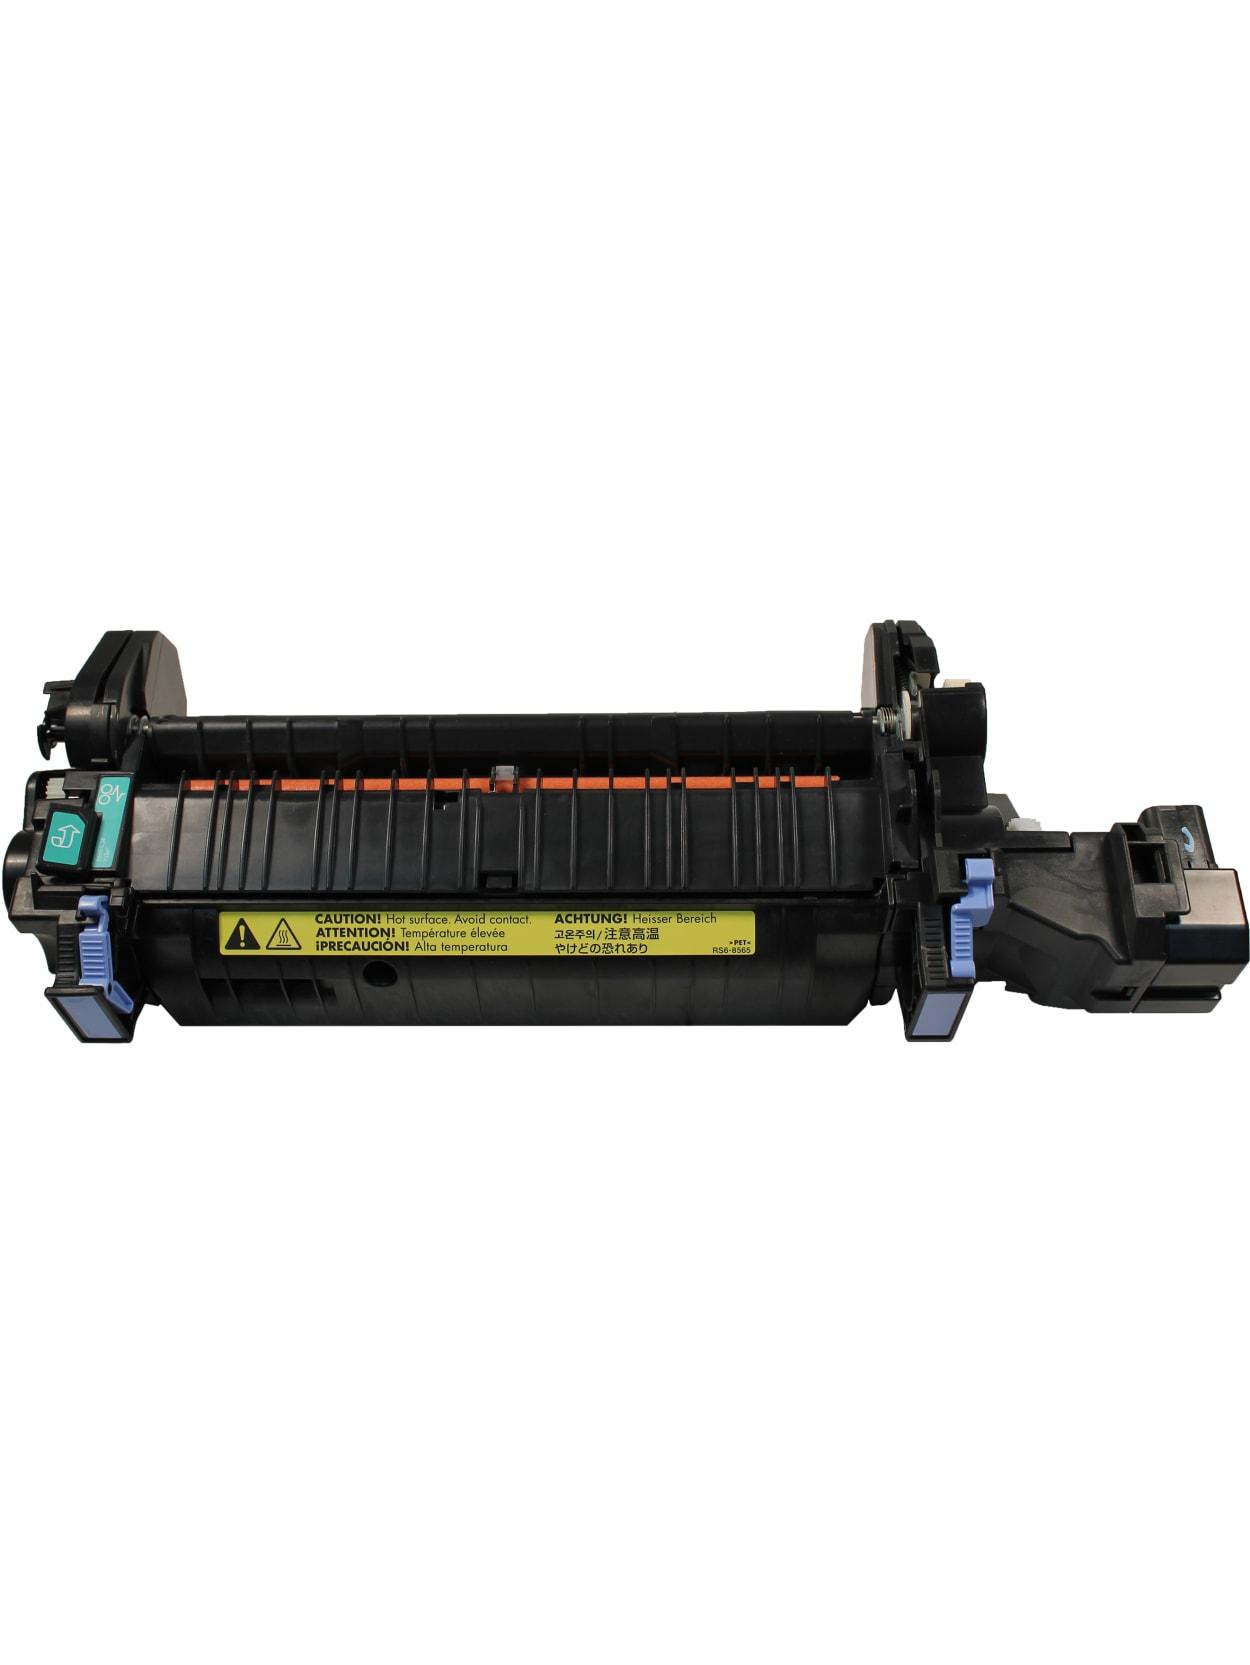 Premium Compatibles Inc Black CB506-67901-PC Fuser Unit Replacement for HP LaserJet Volt RM1-4554-000